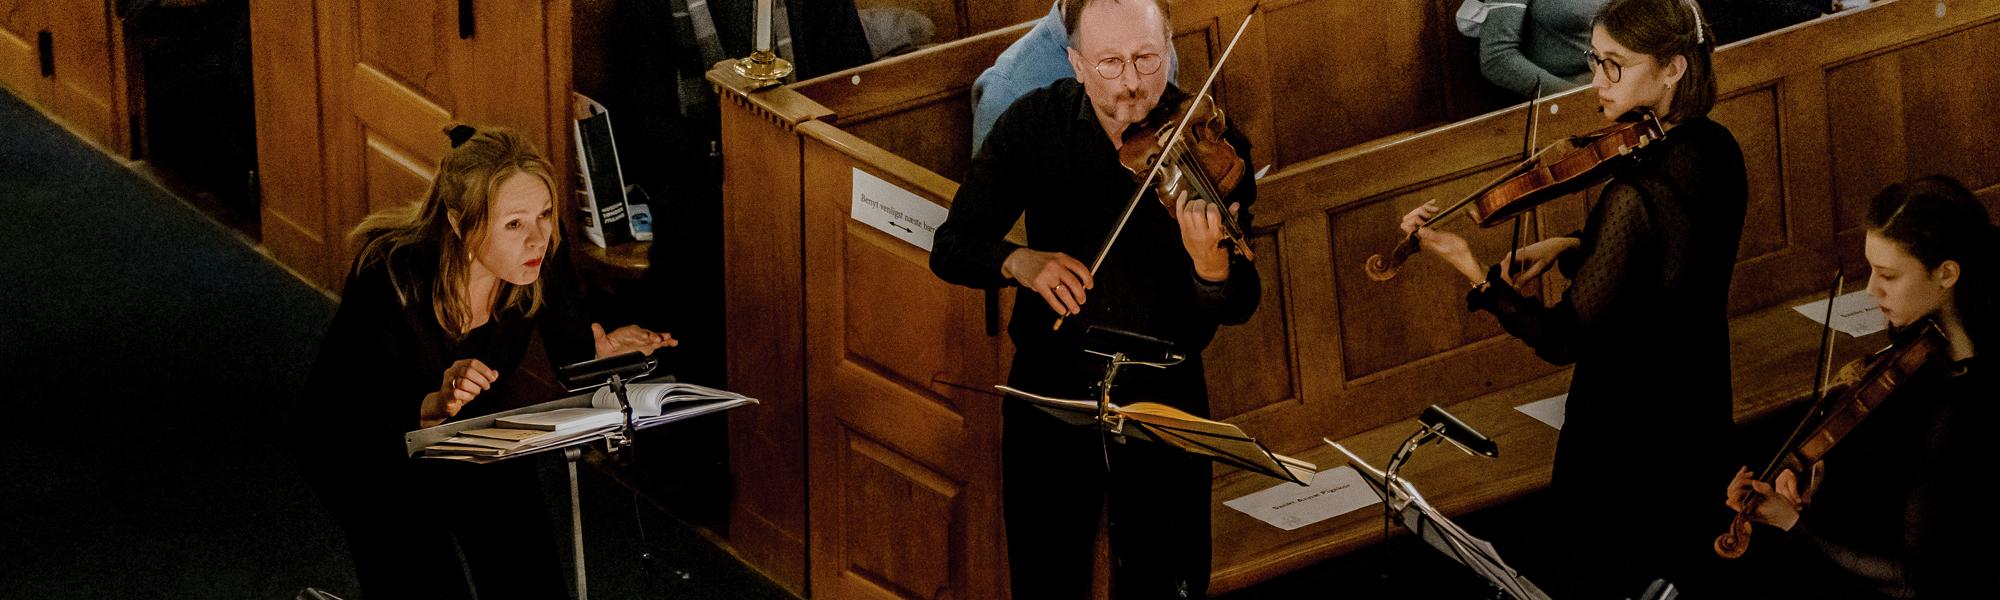 Conductor - Anne Marie Granau Støttekoncert. Foto: Andrea Hoffmann